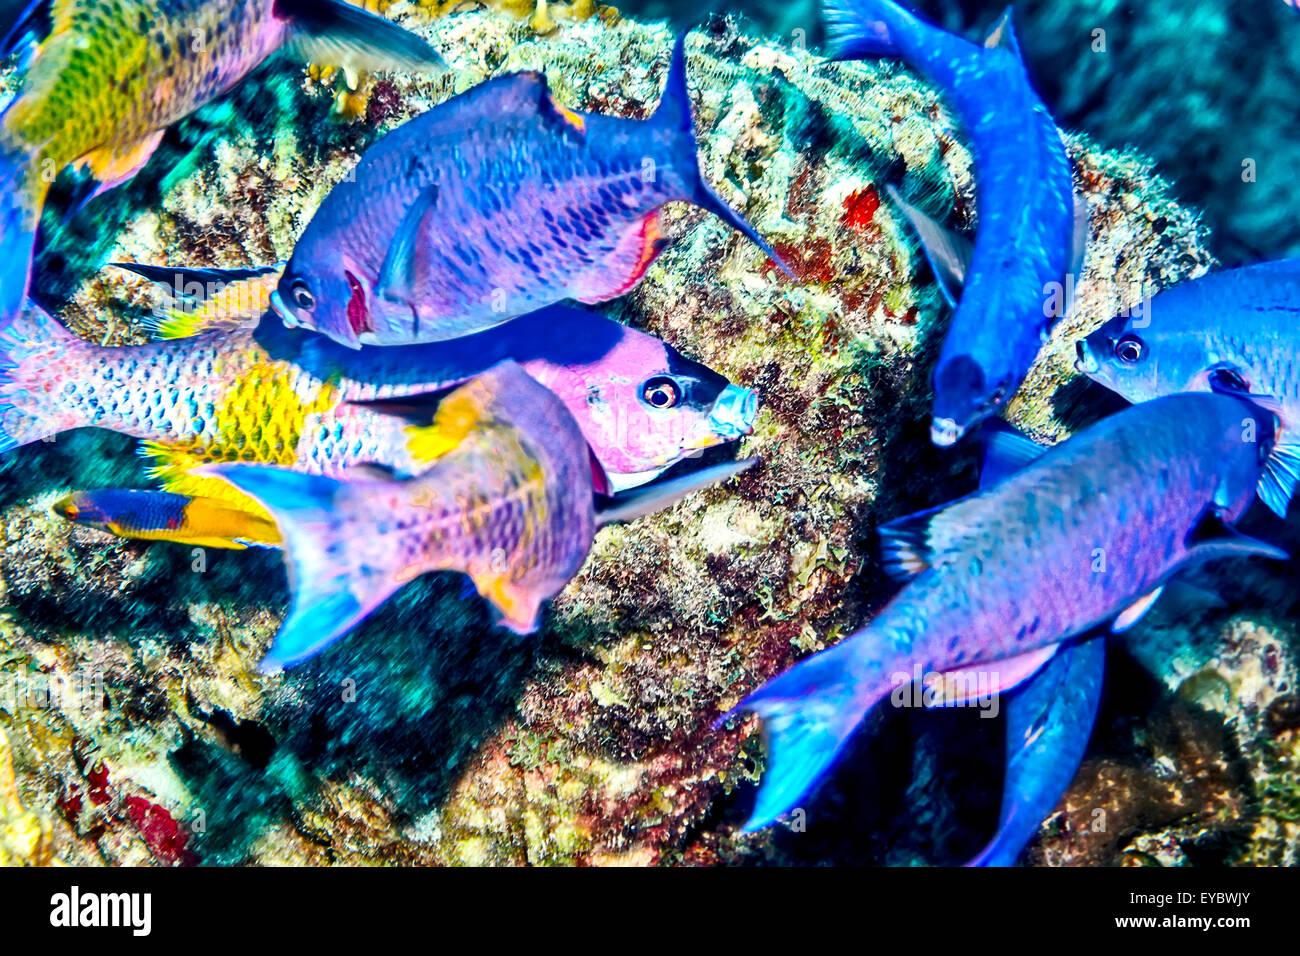 Underwater Wildlife - Stock Image